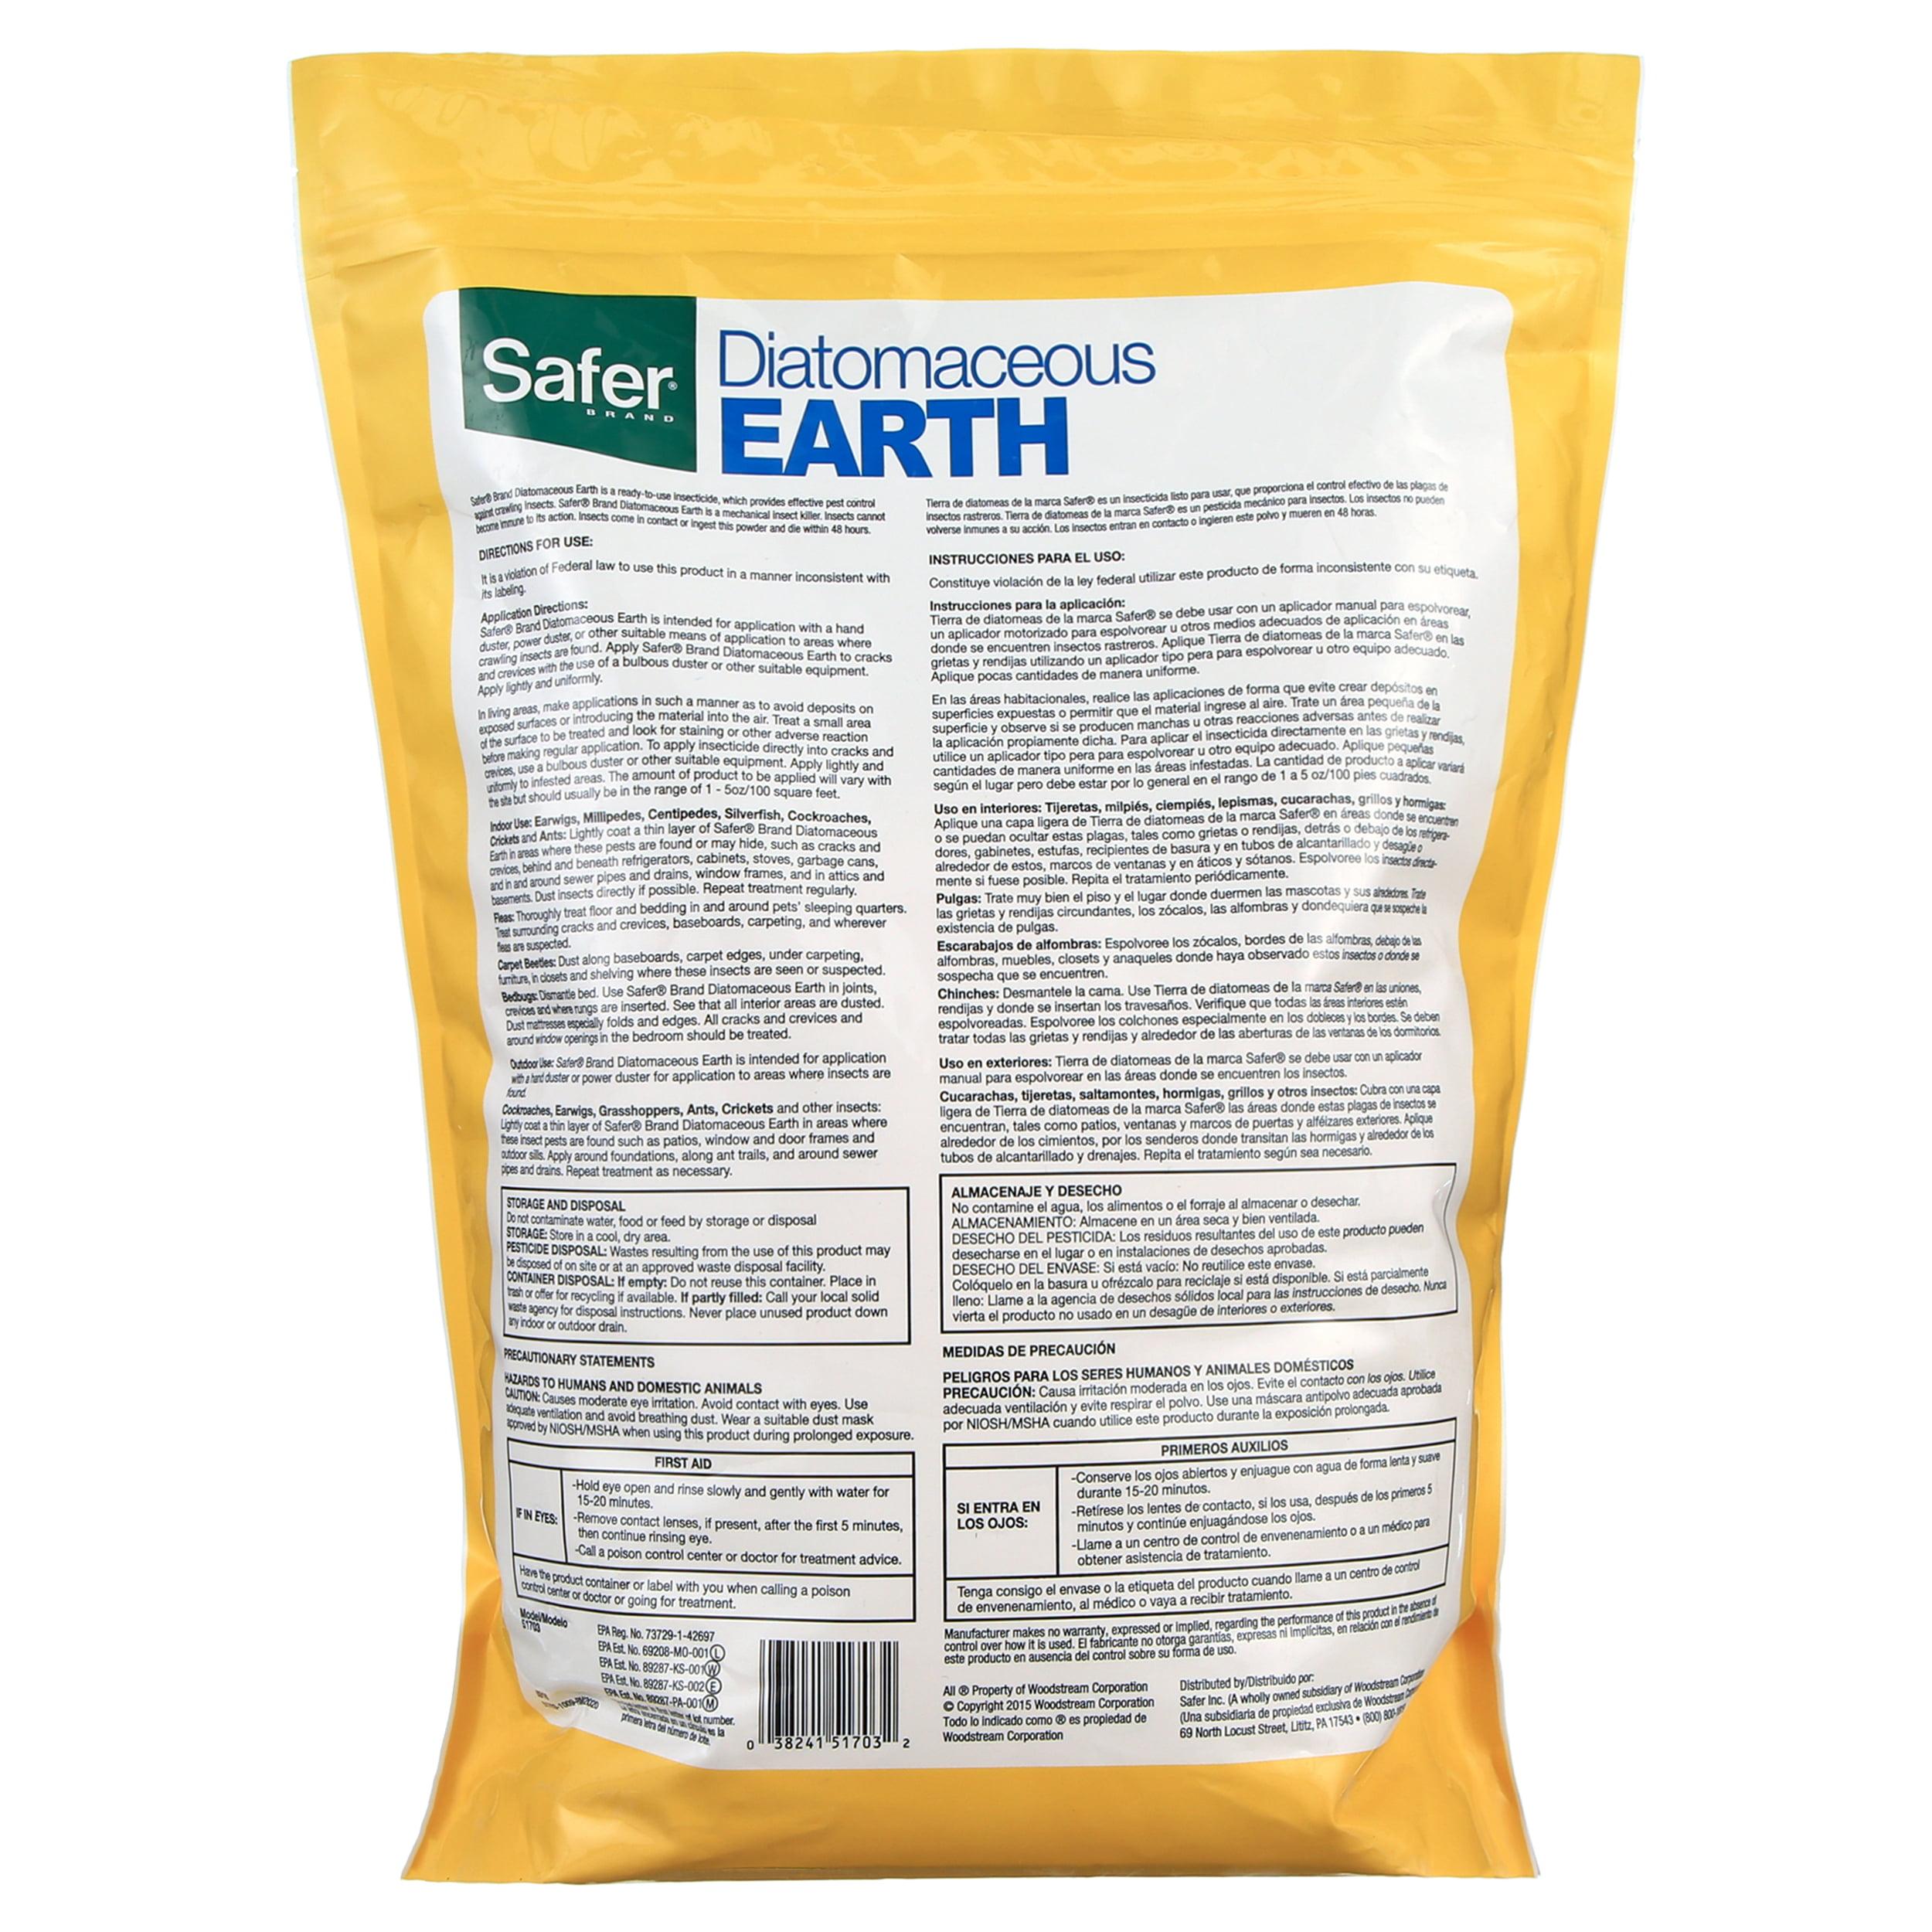 Safer Brand Diatomaceous Earth Bed Bug Flea Ant Crawling Insect Killer 4 Lb Walmart Com Walmart Com